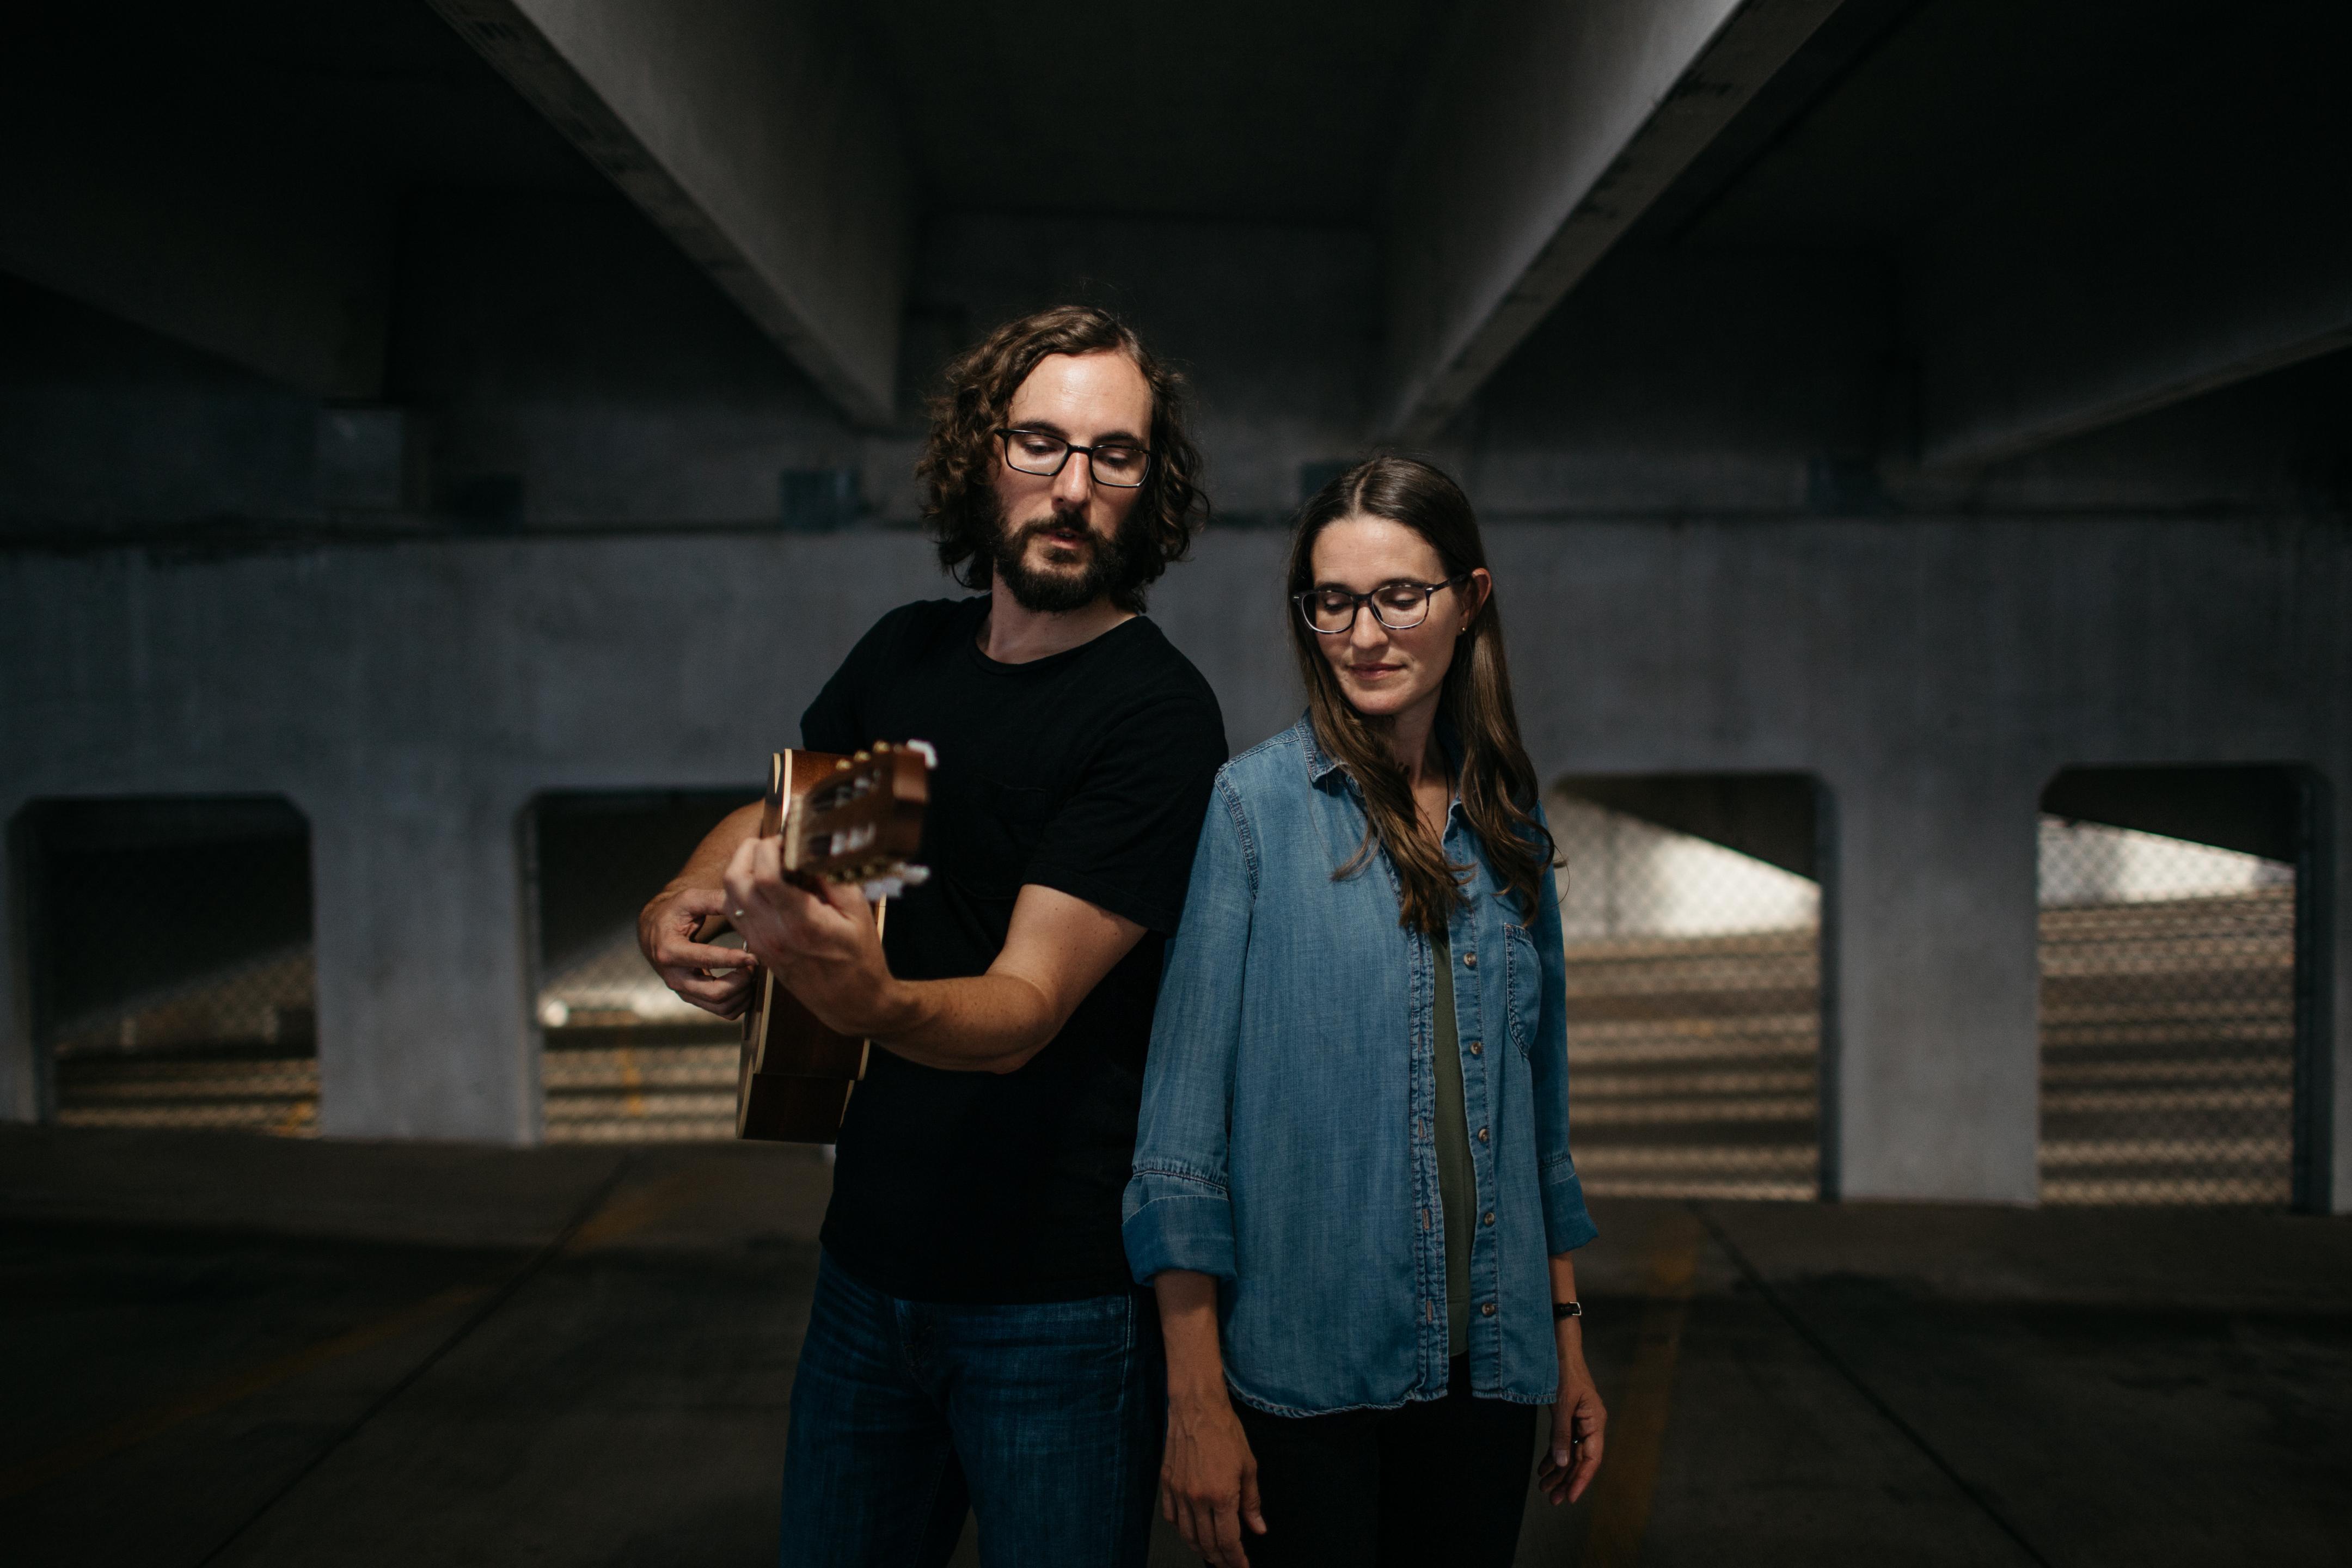 ZACH WINTERS (feat. David & Sadie) | Albuquerque, NM